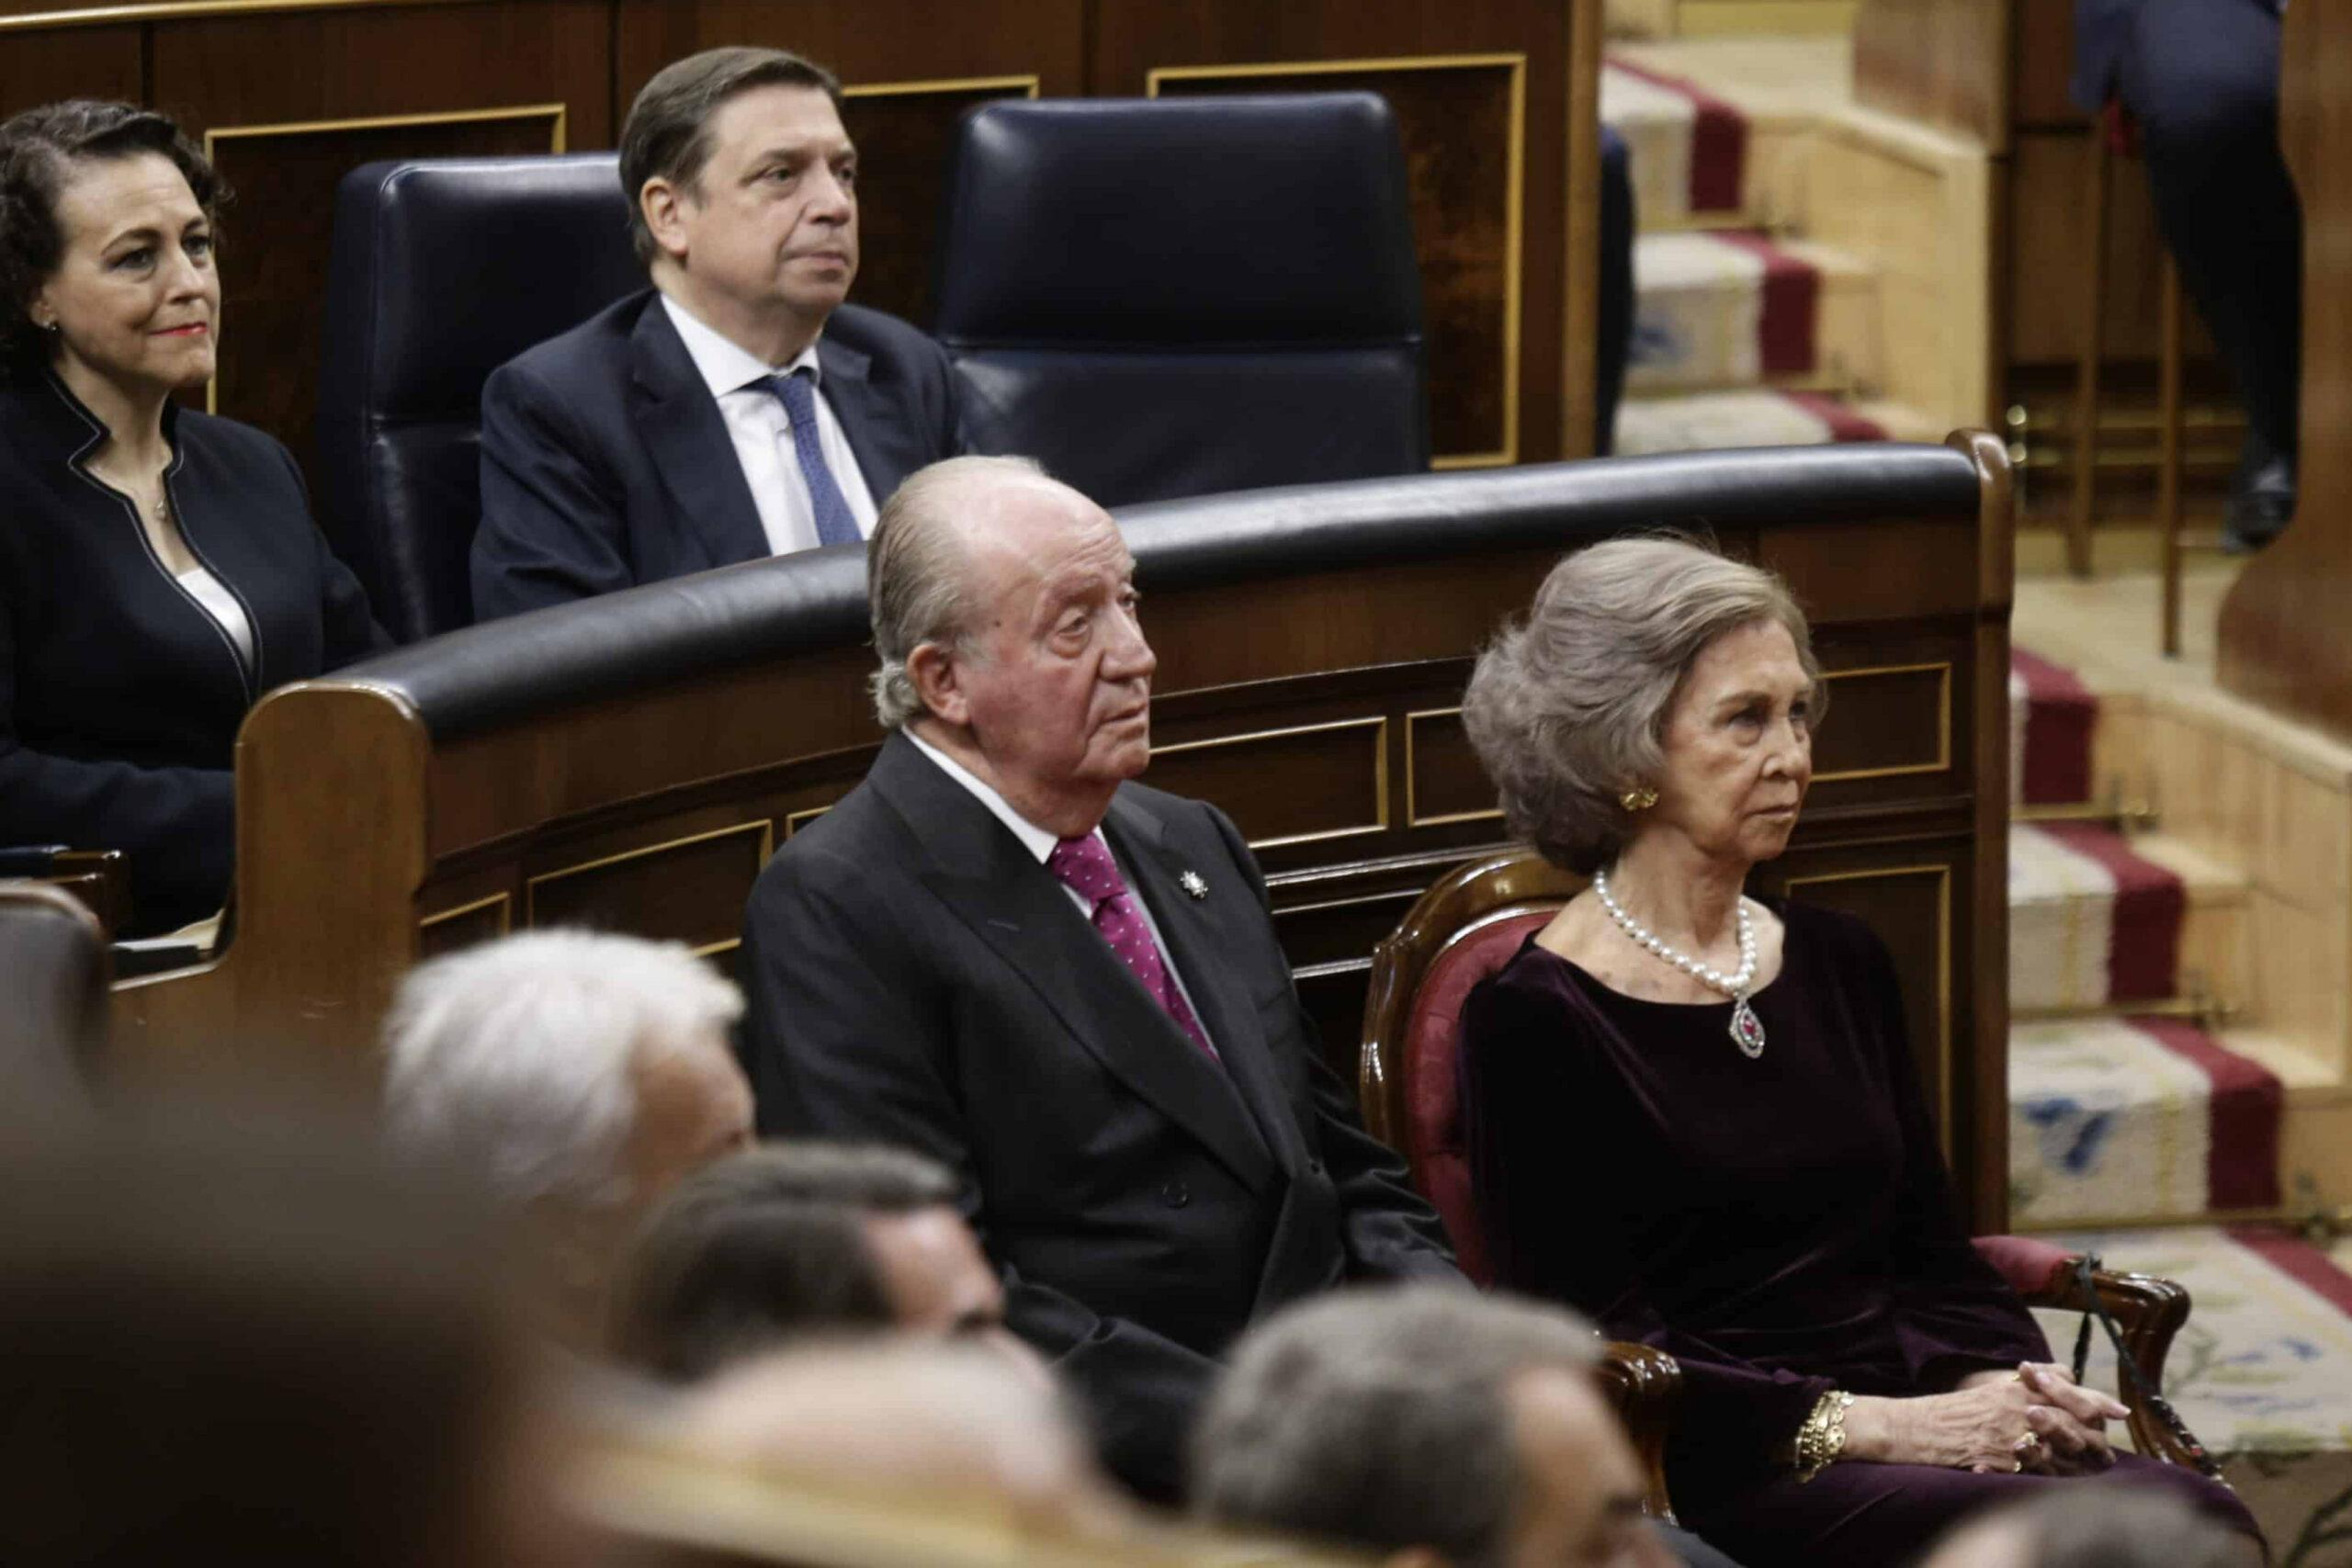 Els reis emèrits Joan Carles i Sofia al Congrés, durant l'acte dels 40 anys de la Constitució | ACN